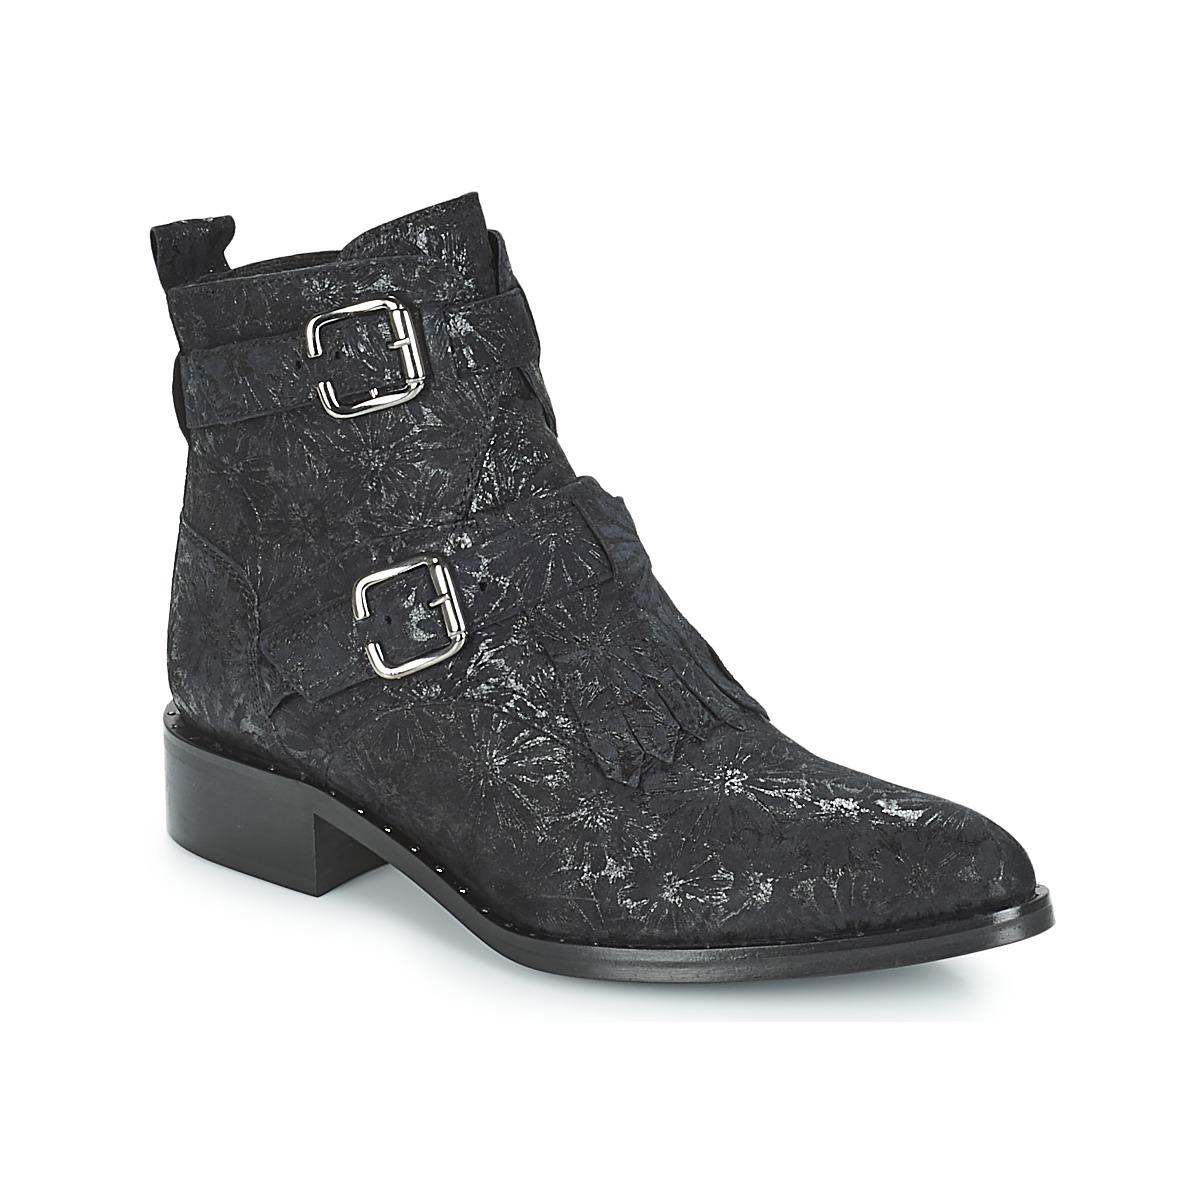 Støvler Philippe Morvan  SMAKY1 V2 DAISY LUX